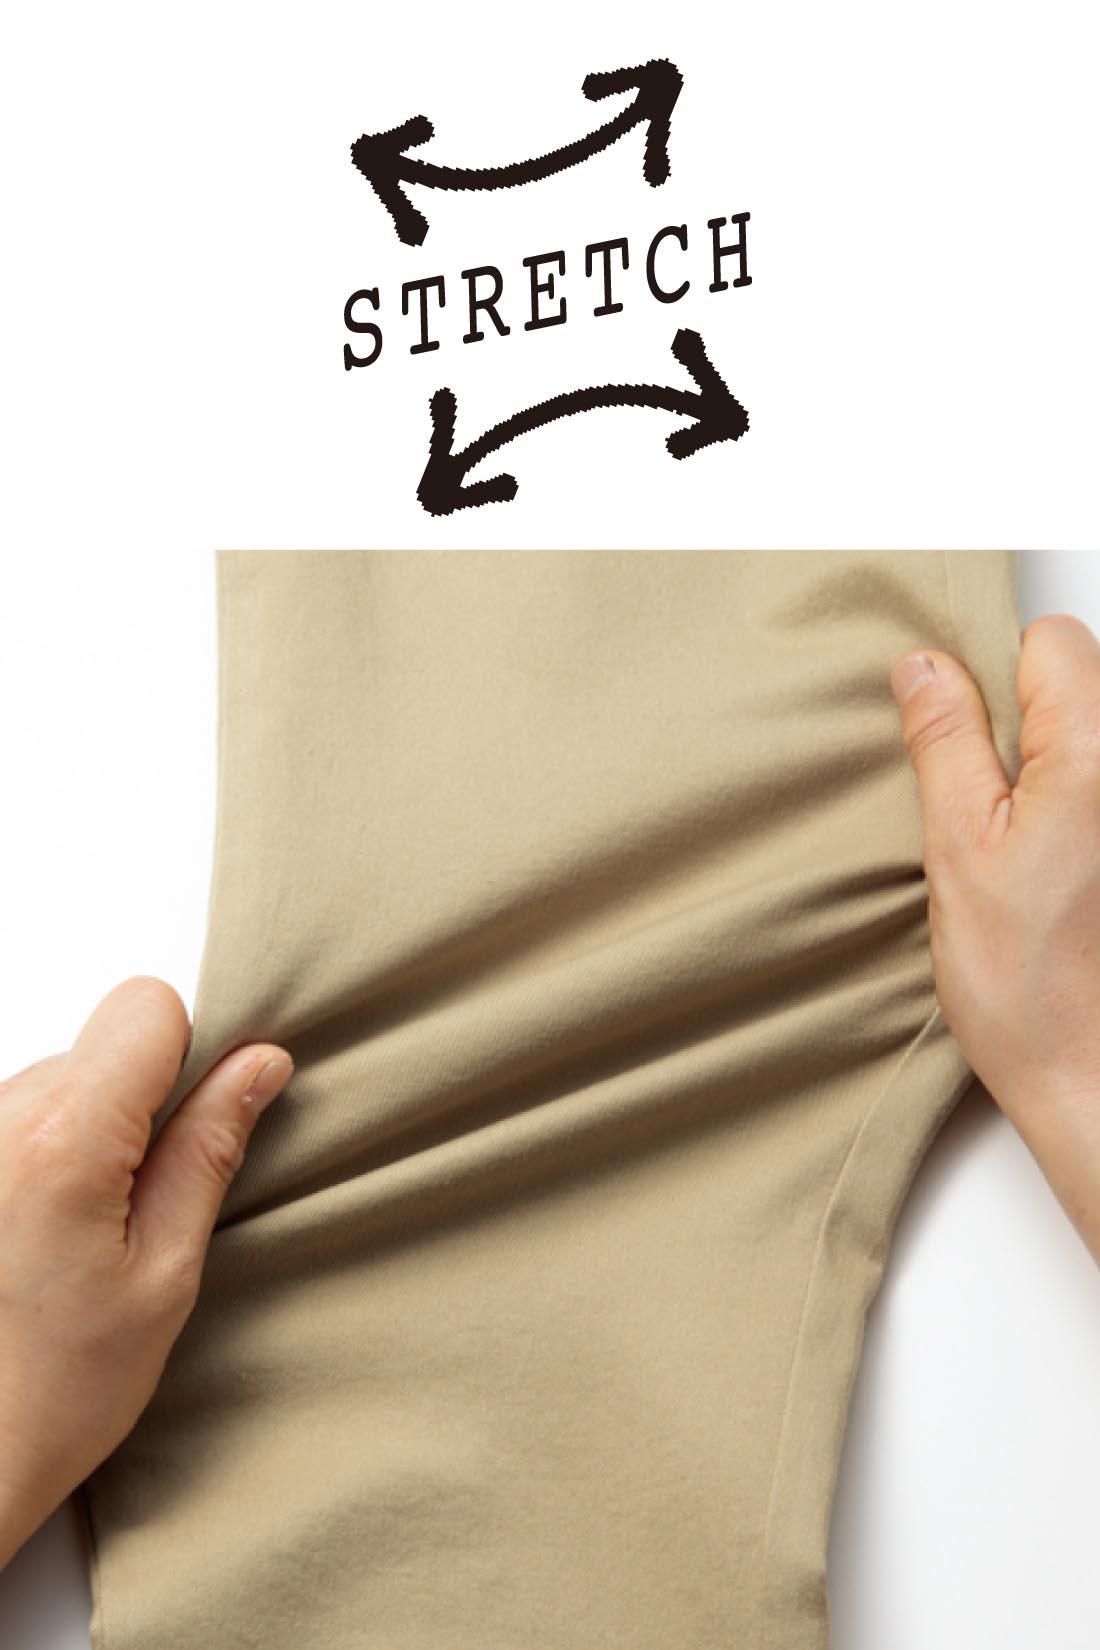 ぐ~んと伸びて、らくちんなストレッチ素材。オールシーズンOKなほどよい厚みも便利。 ※お届けするカラーとは異なります。